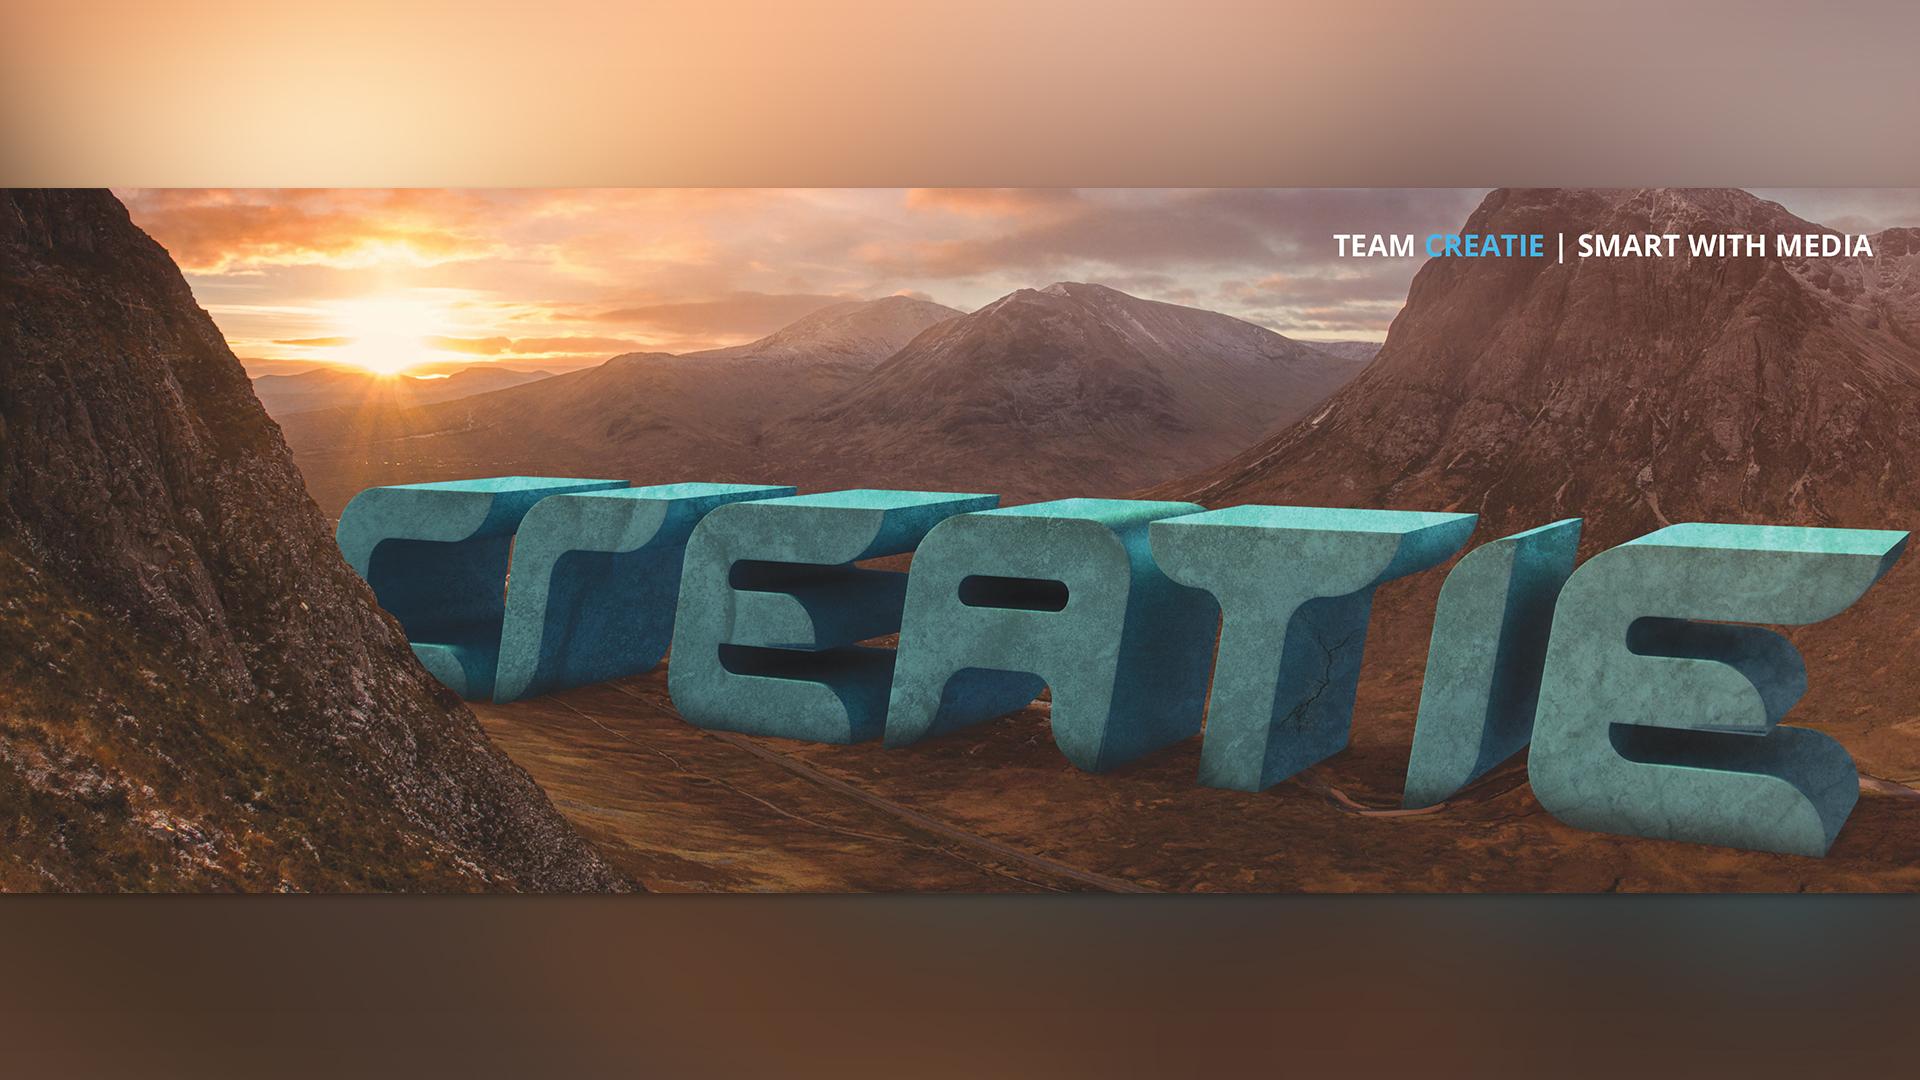 Team creatie